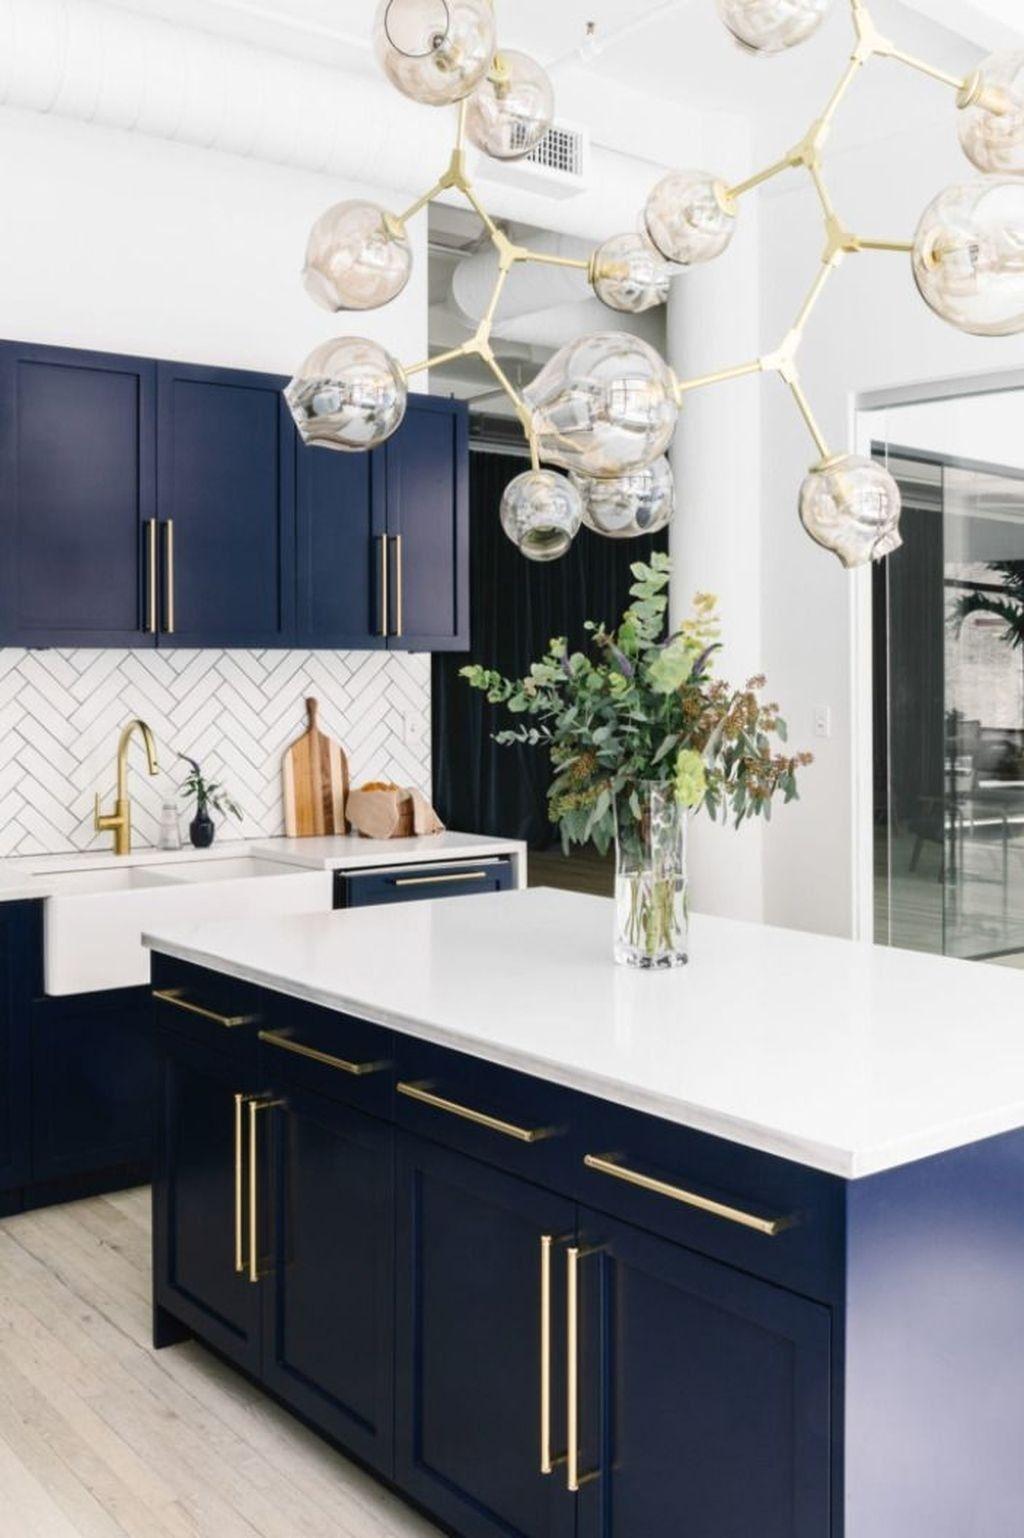 20 Best Kitchen Cabinet Ideas For A Modern Classic Look Kitchen Cabinetry Ideas And Modern Kitchen Cabinet Design Home Decor Kitchen Modern Kitchen Design